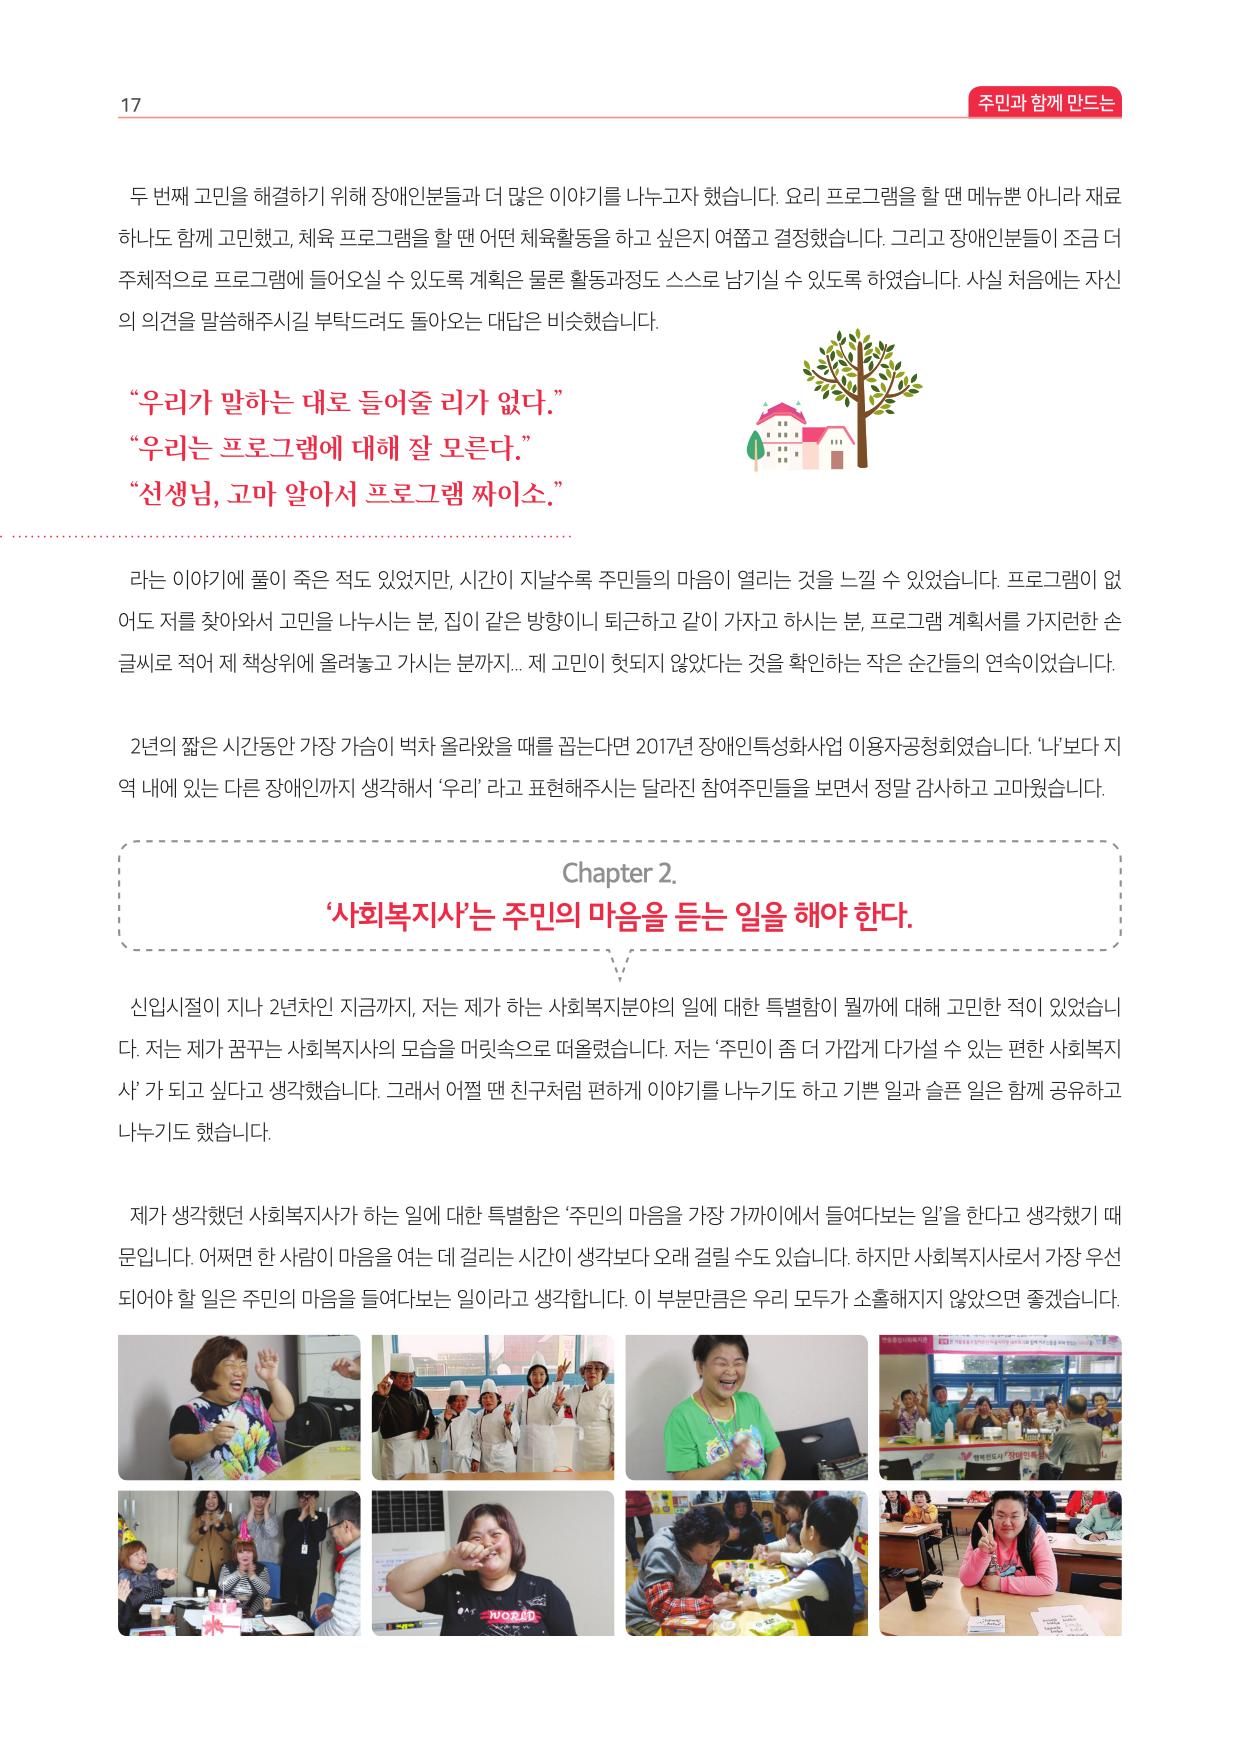 반송종합사회복지관연간소식지(2017)-17.jpg